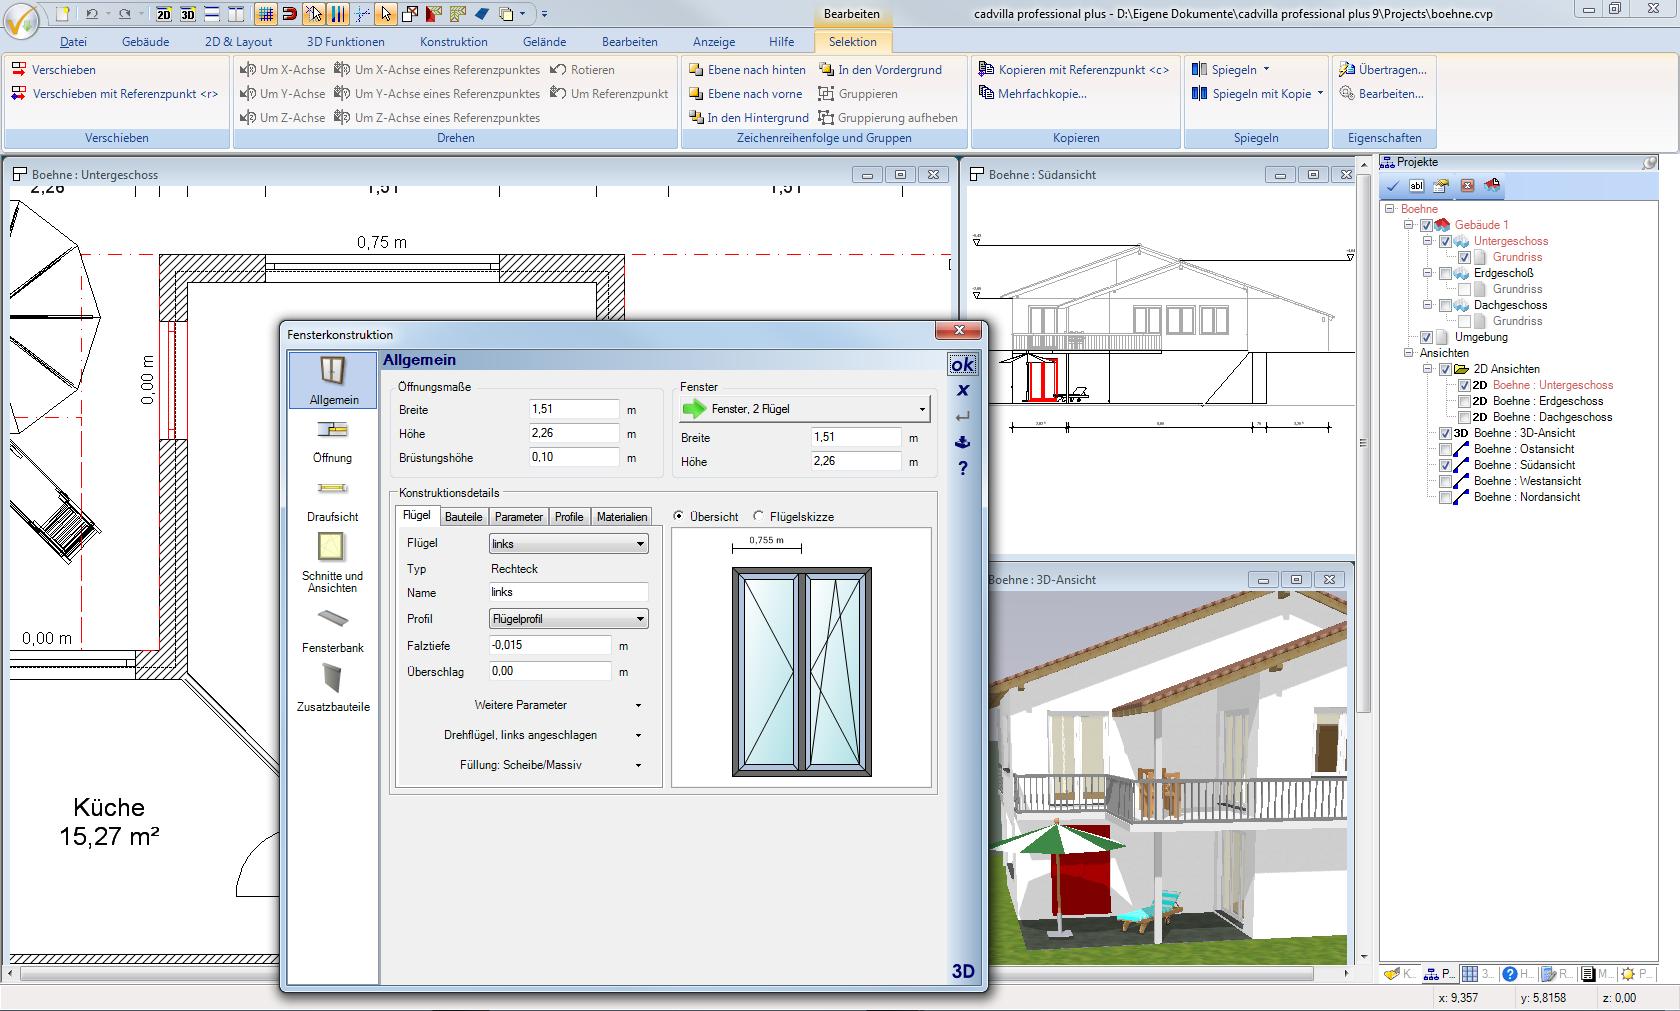 Bearbeiten eines selektierten Fensters im Fensterdialog. Das selektierte Element wird zur Kontrolle gleichzeitig in allen Ansichten rot dargestellt.